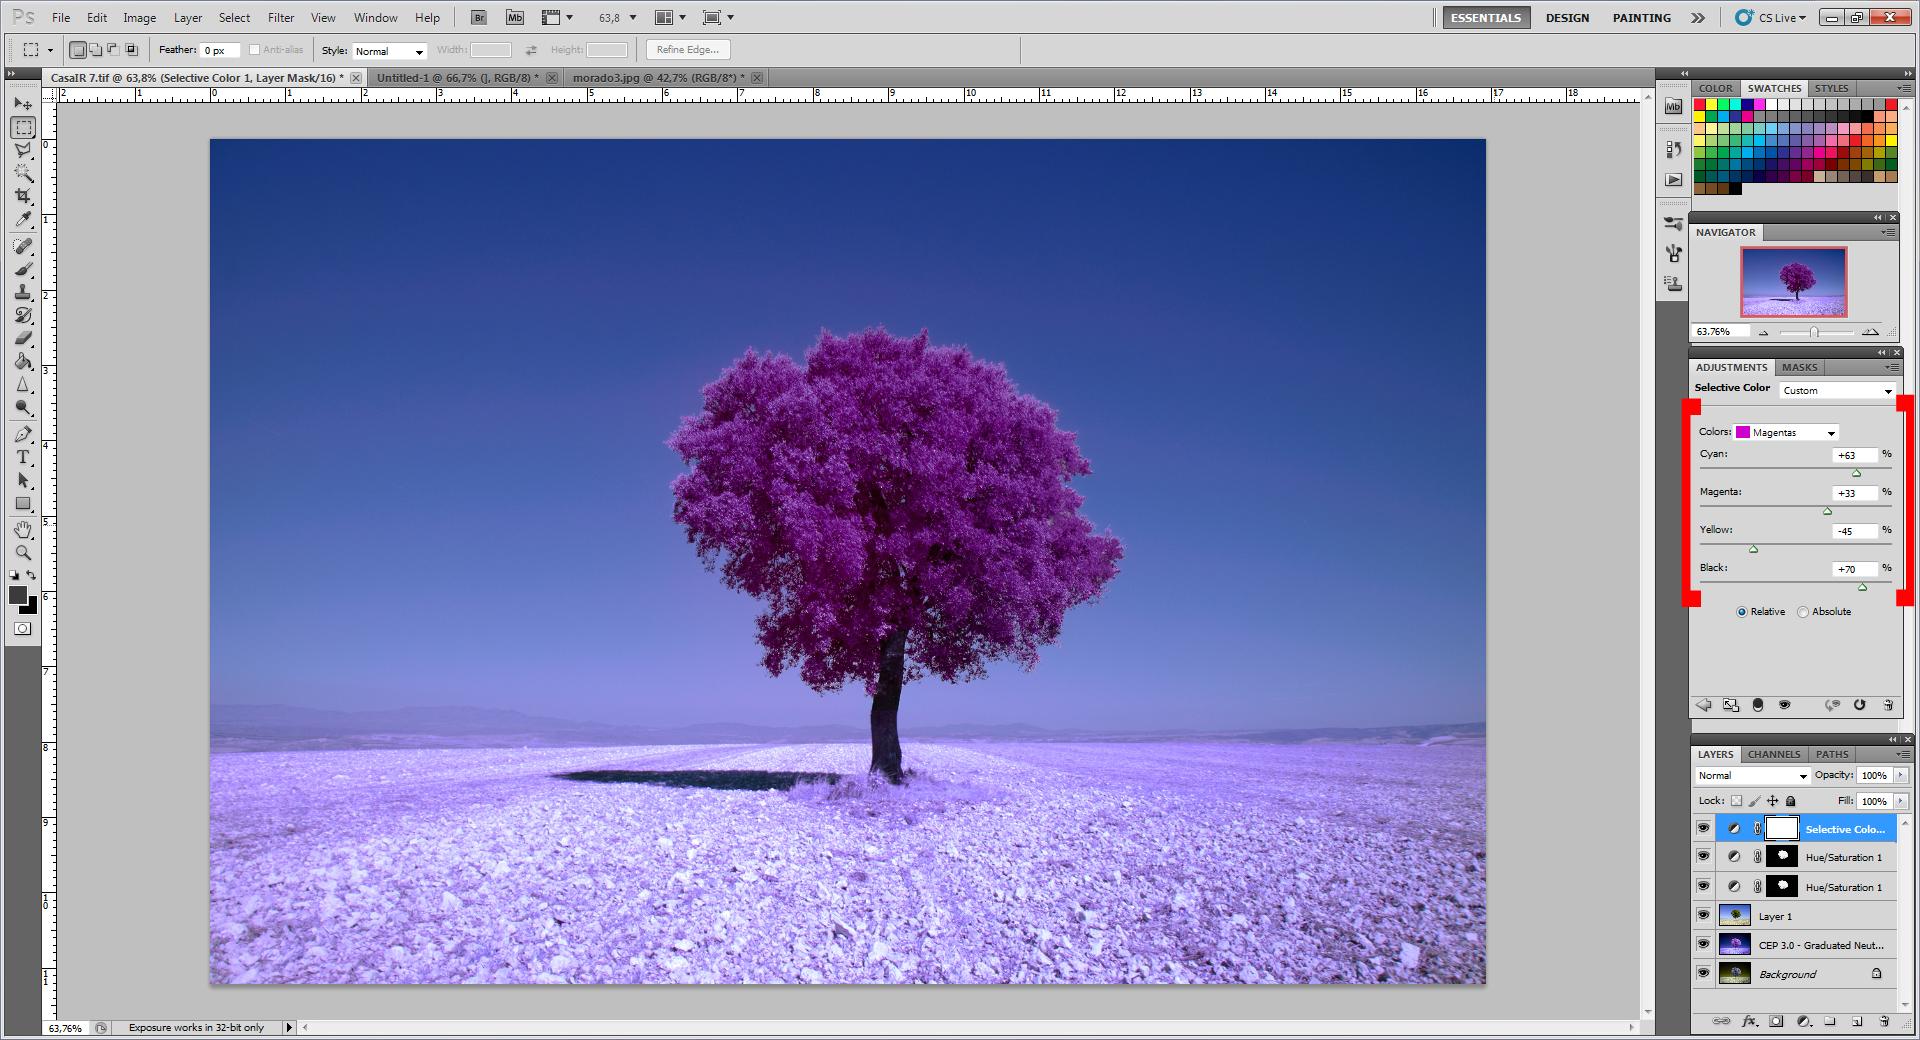 Как превратить пейзажное фото в сюрреалистическое инфракрасное изображение - 9